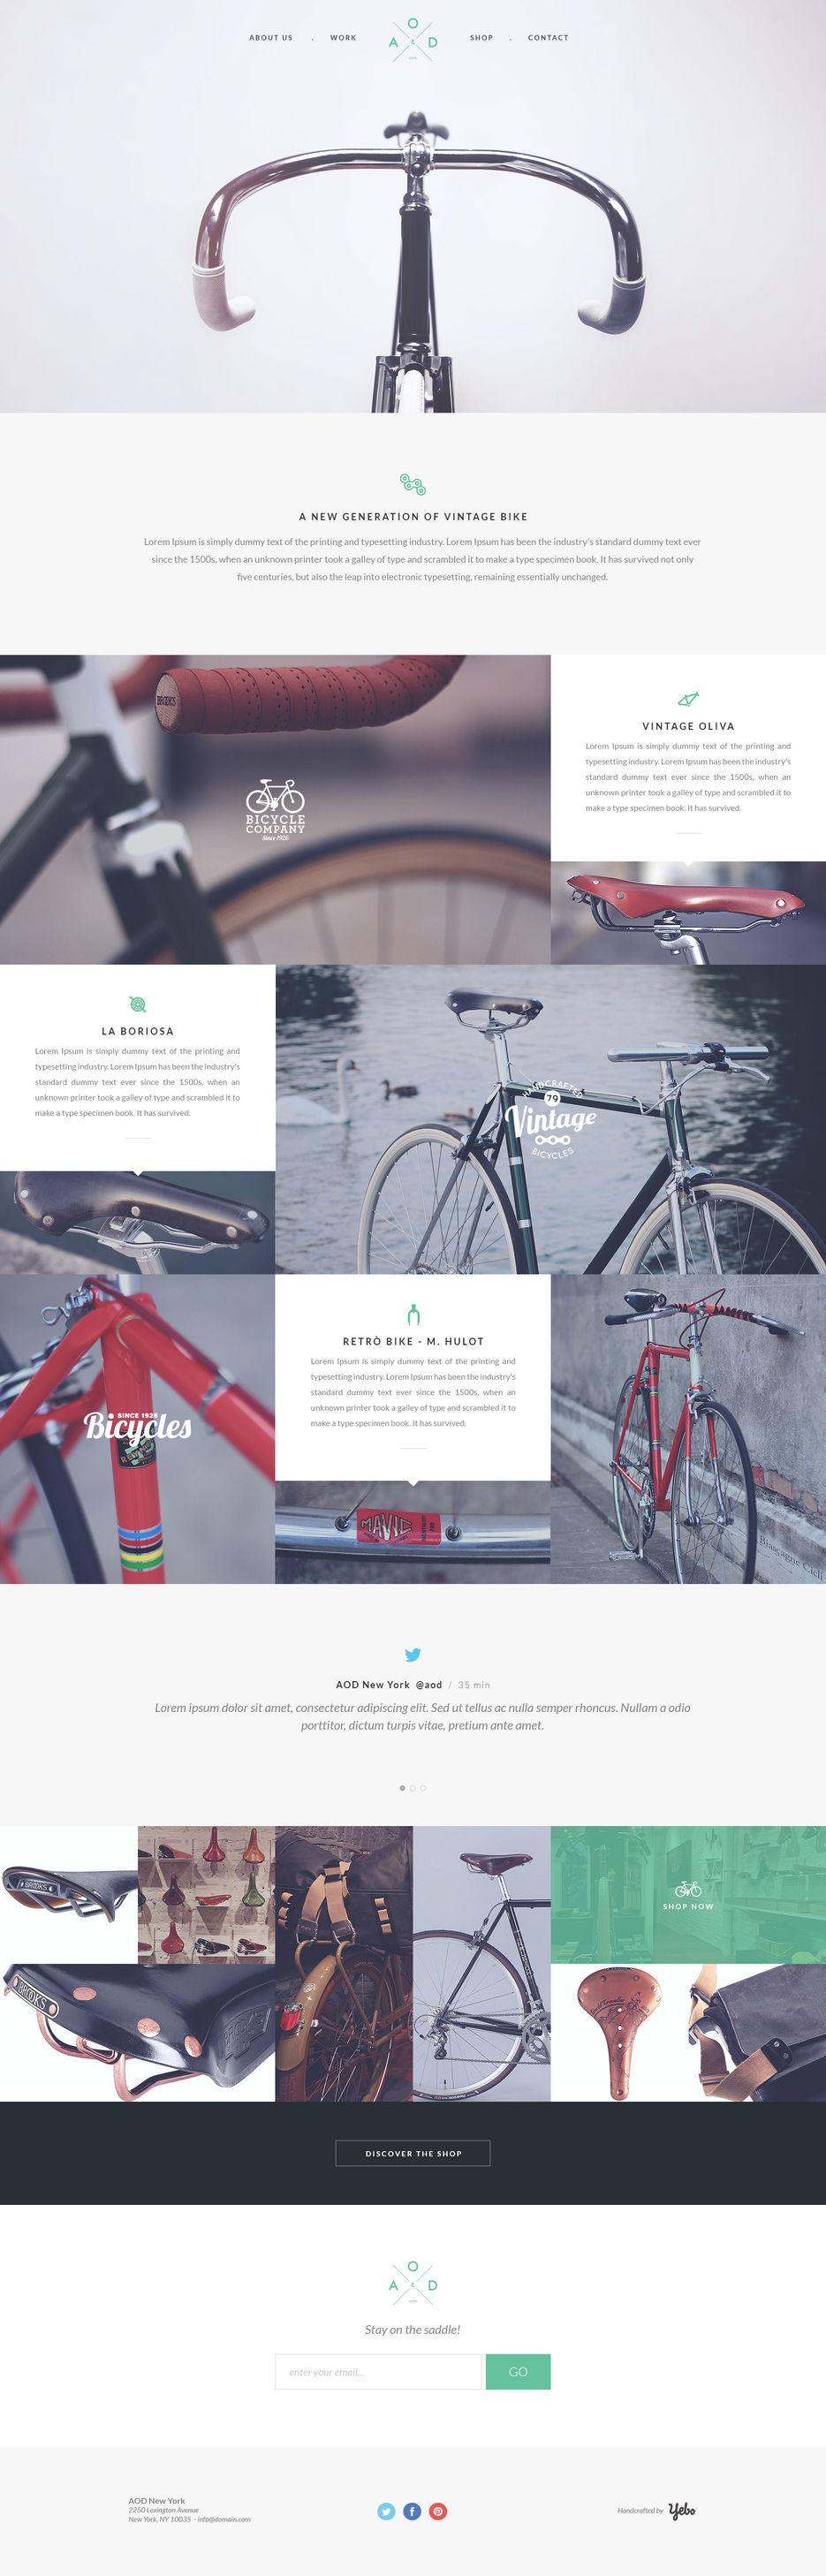 YEBO Bicycle